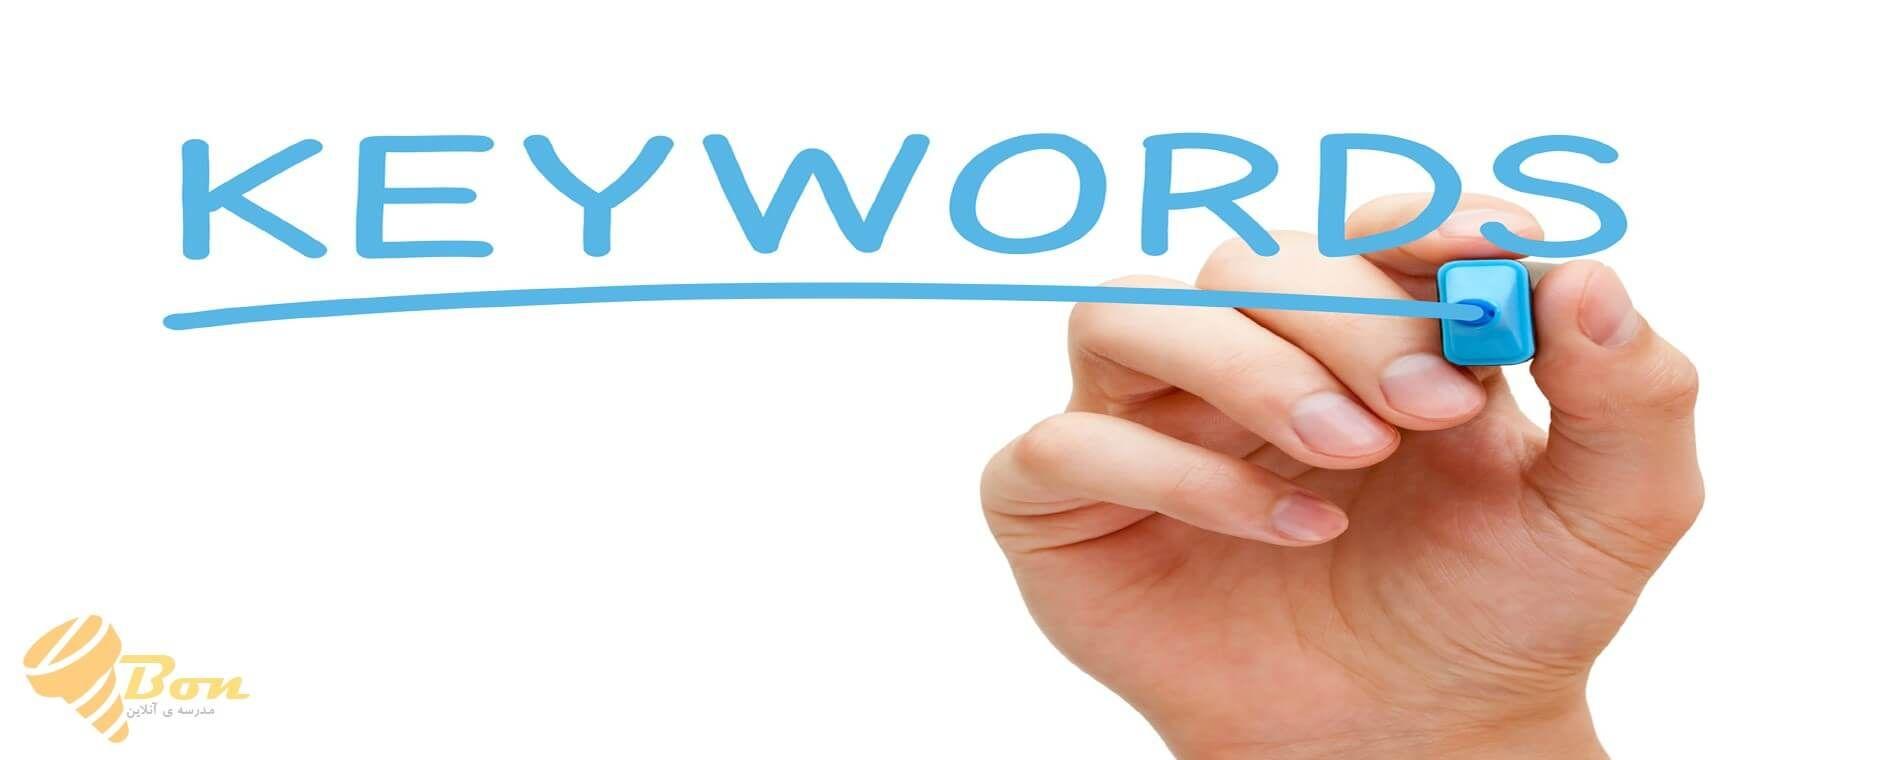 7 روش پیدا کردن بهترین کلمات کلیدی برای مطالب سایت در کم